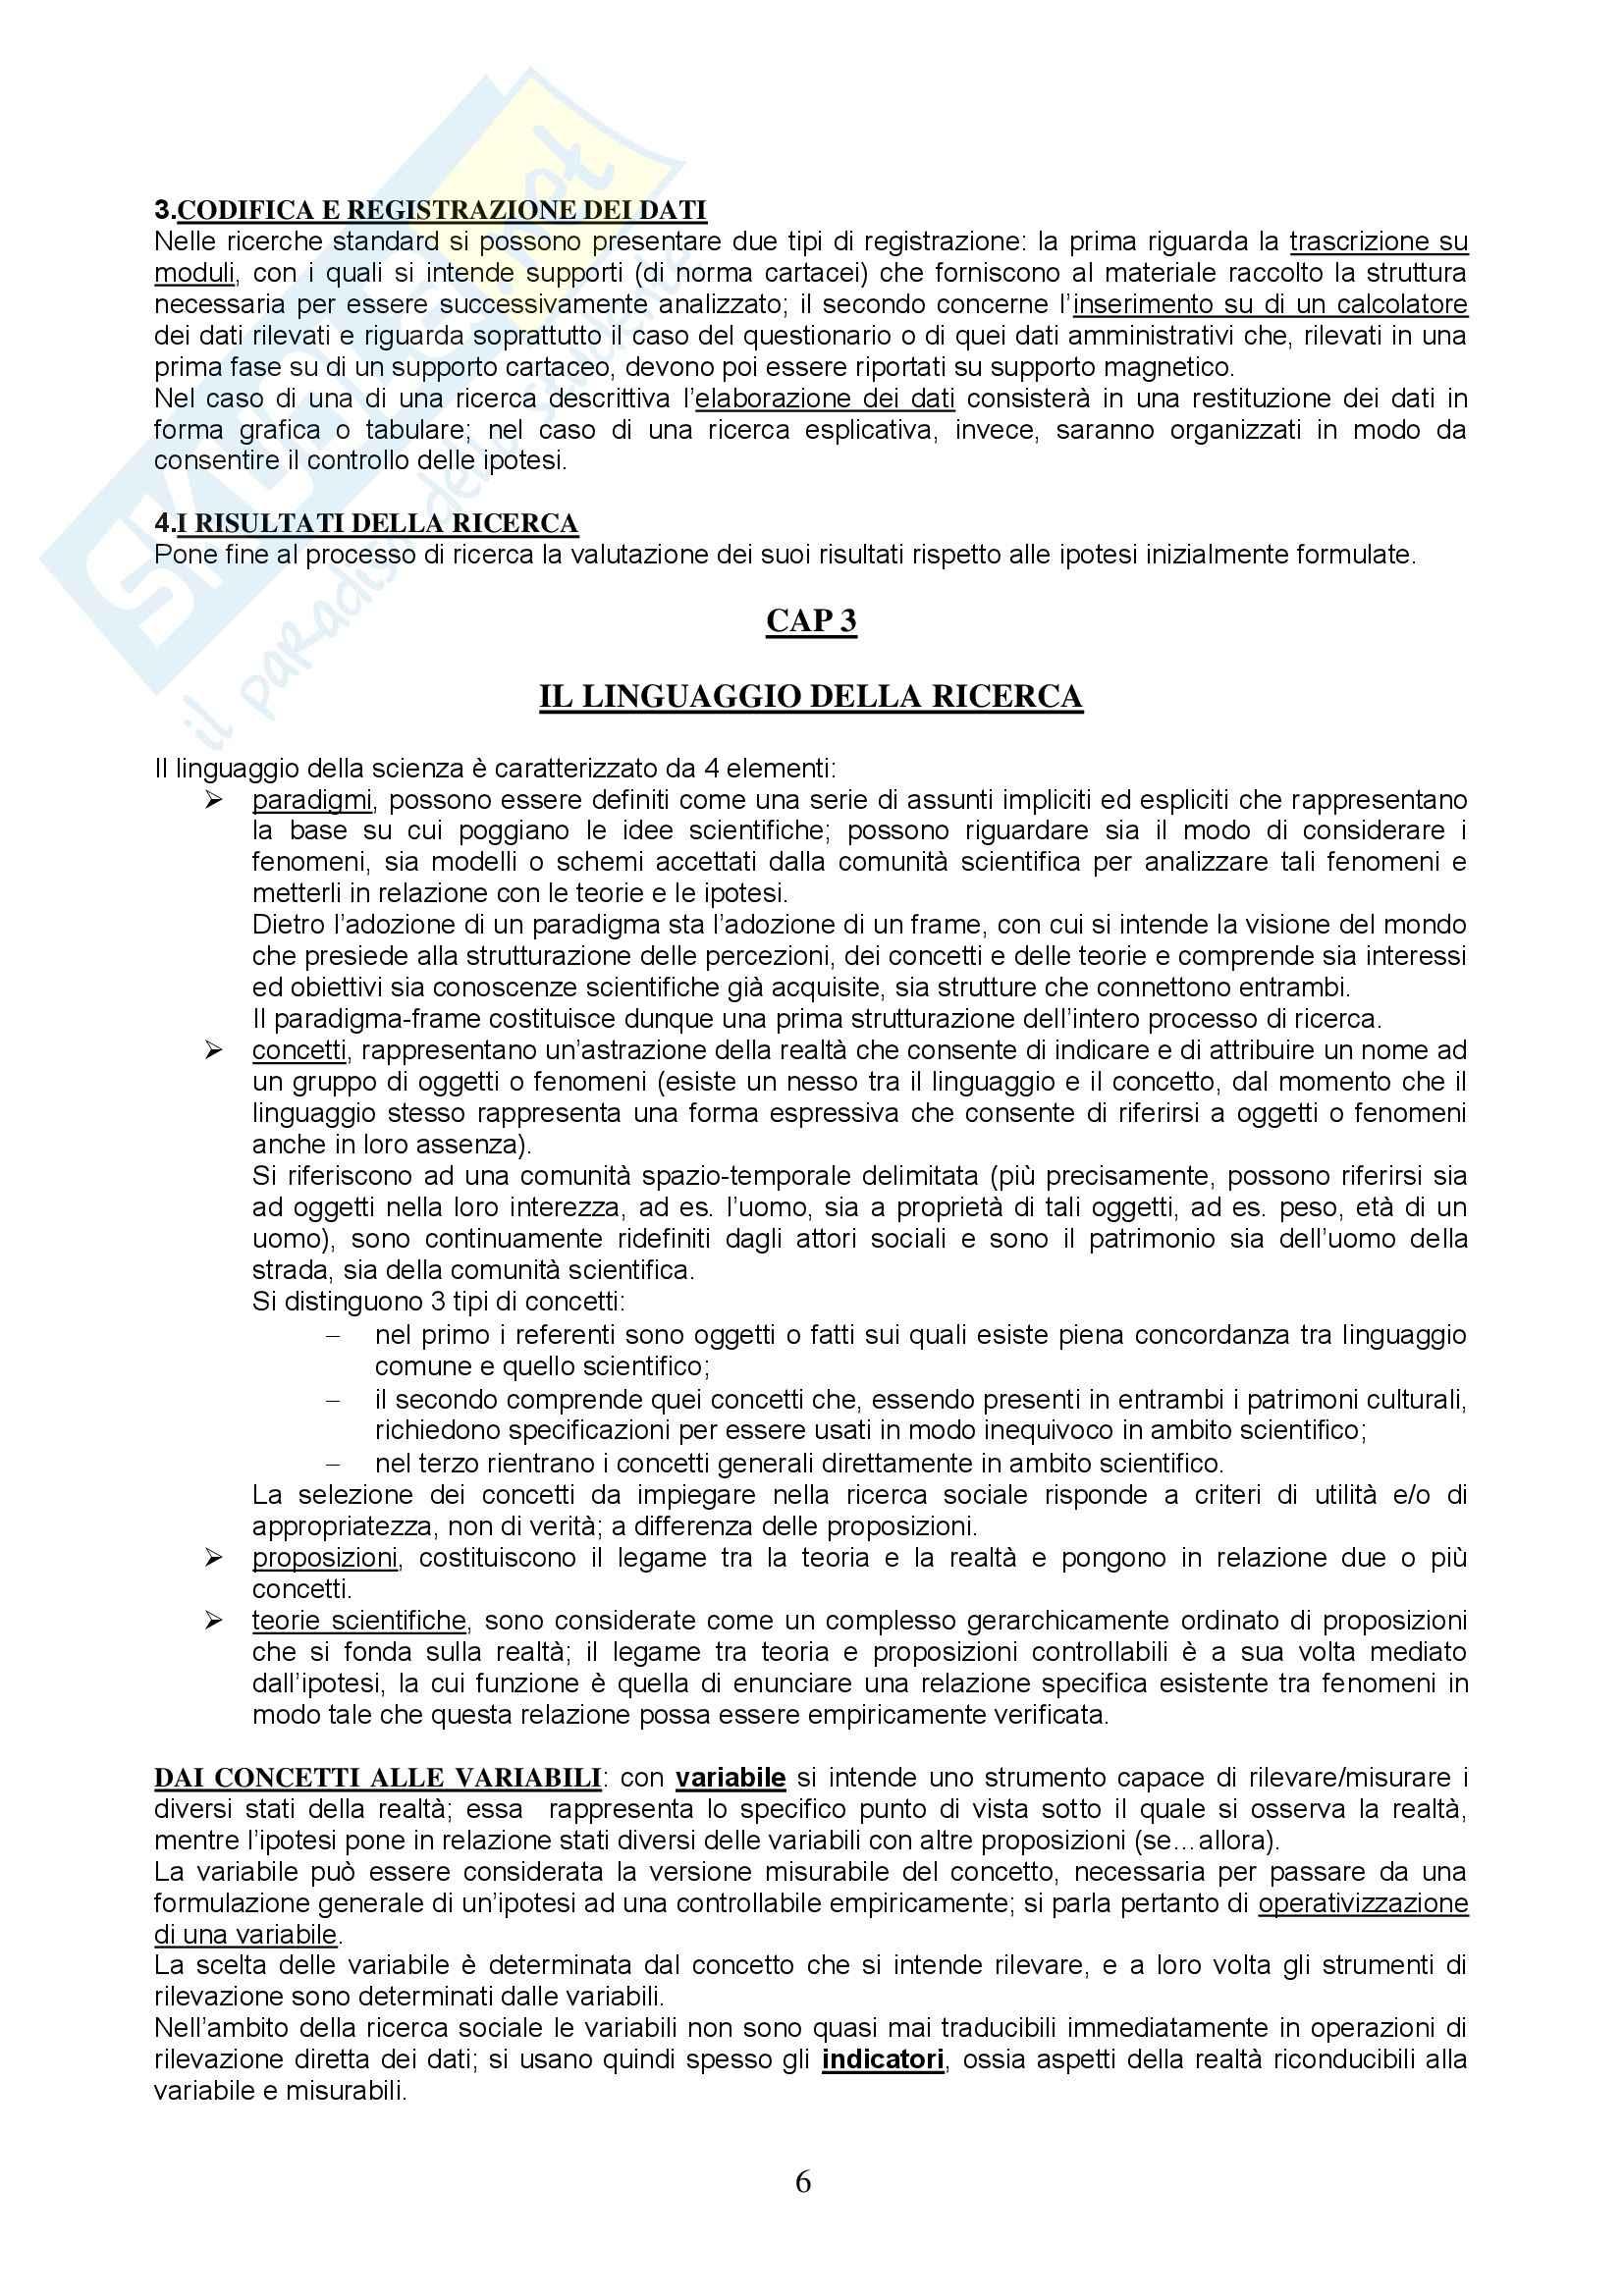 Metodologia e tecniche della ricerca sociale - Appunti Pag. 6